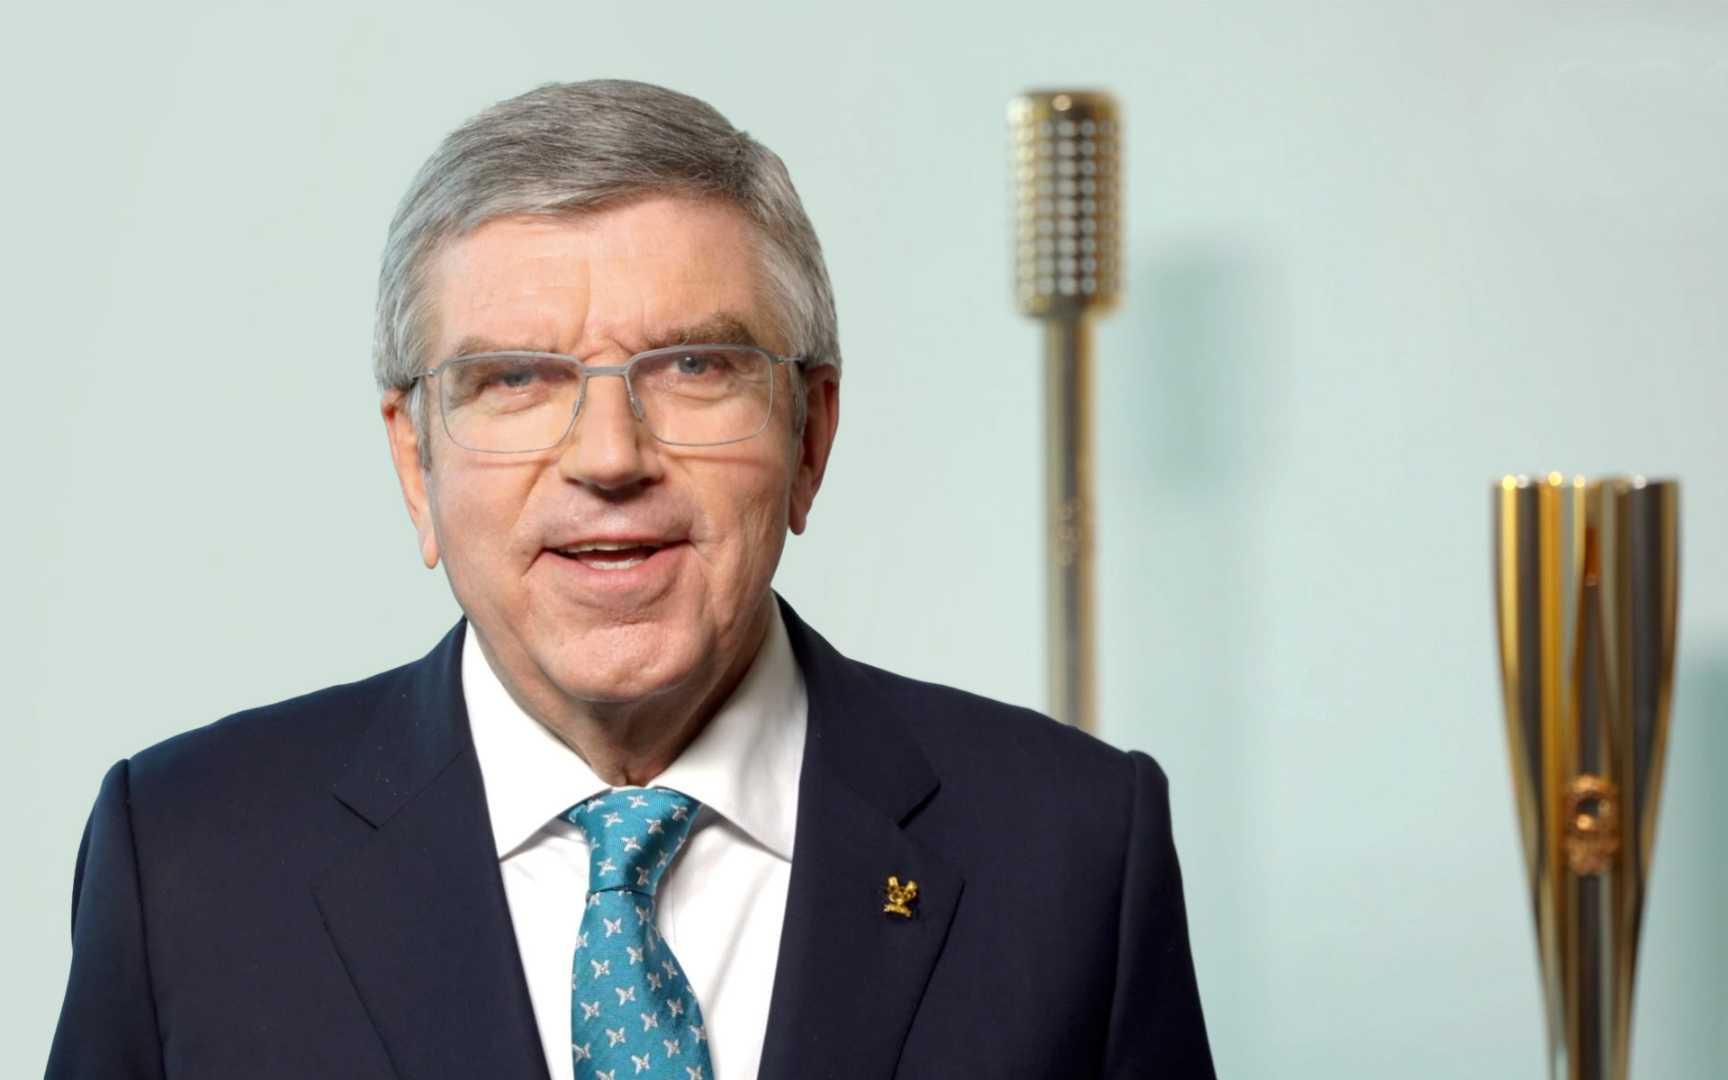 Thomas Bach président du CIO : « La pandémie a renforcé le rôle du sport »